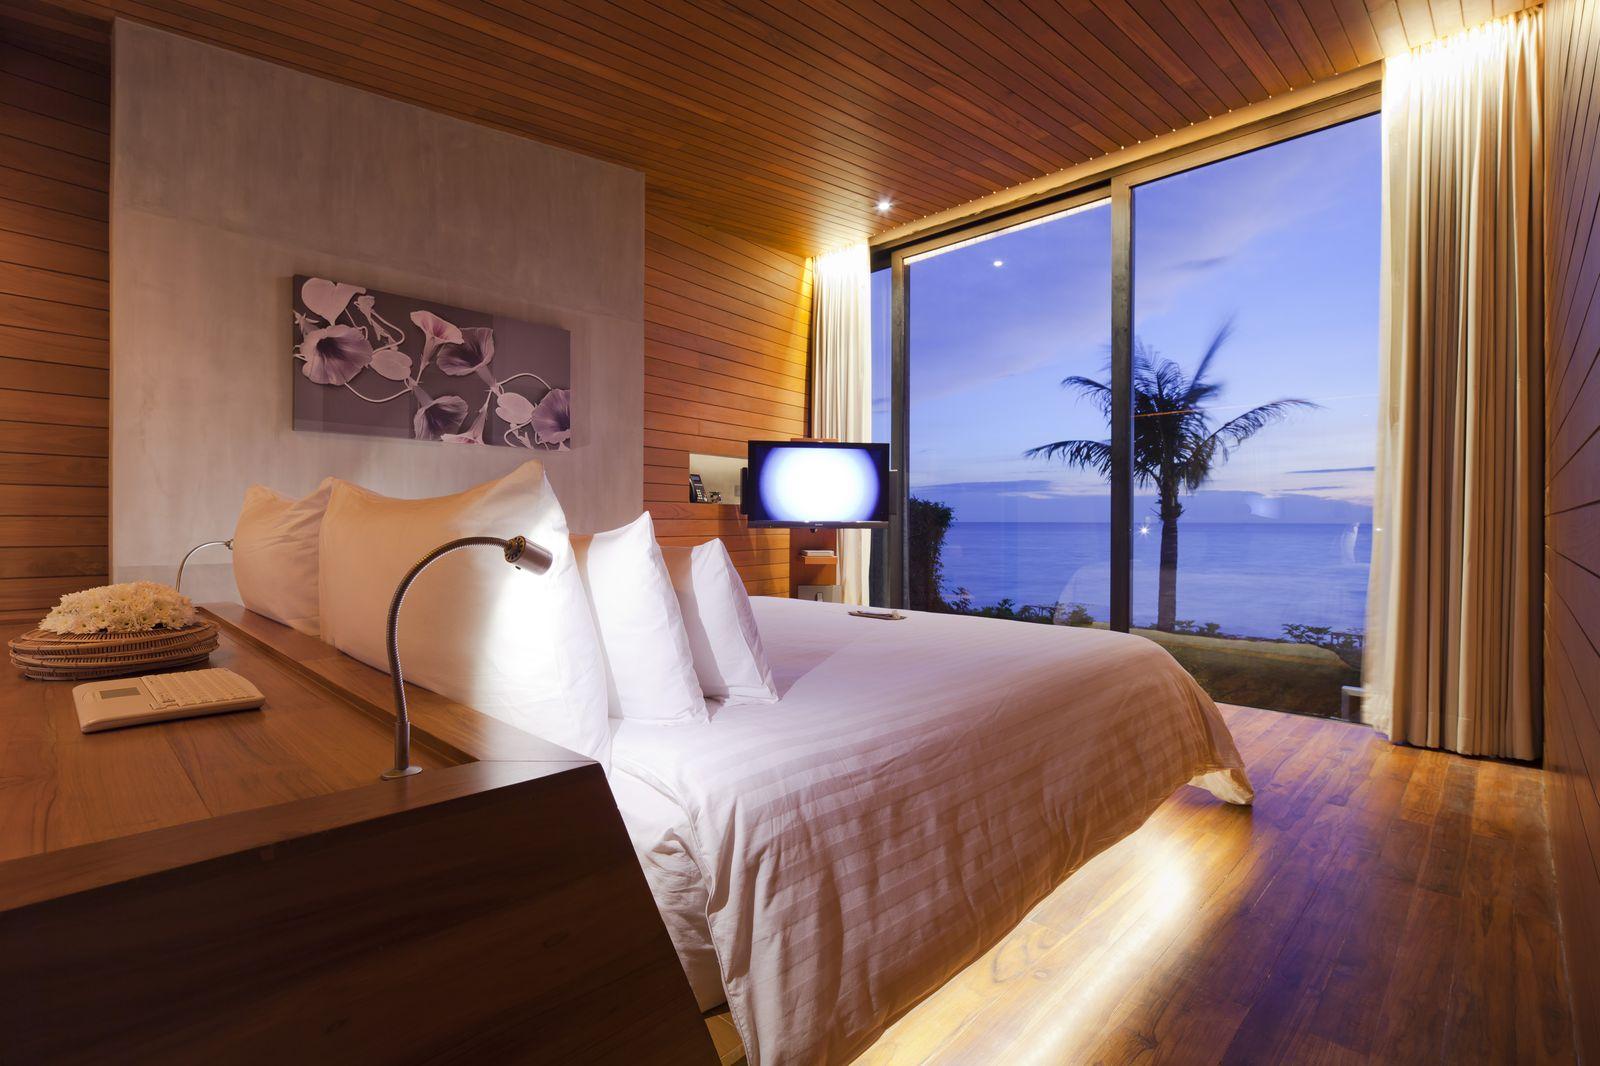 thailand-khao-lak-casa-de-la-flora-restaurant-room-beachfront-pool-villa-3